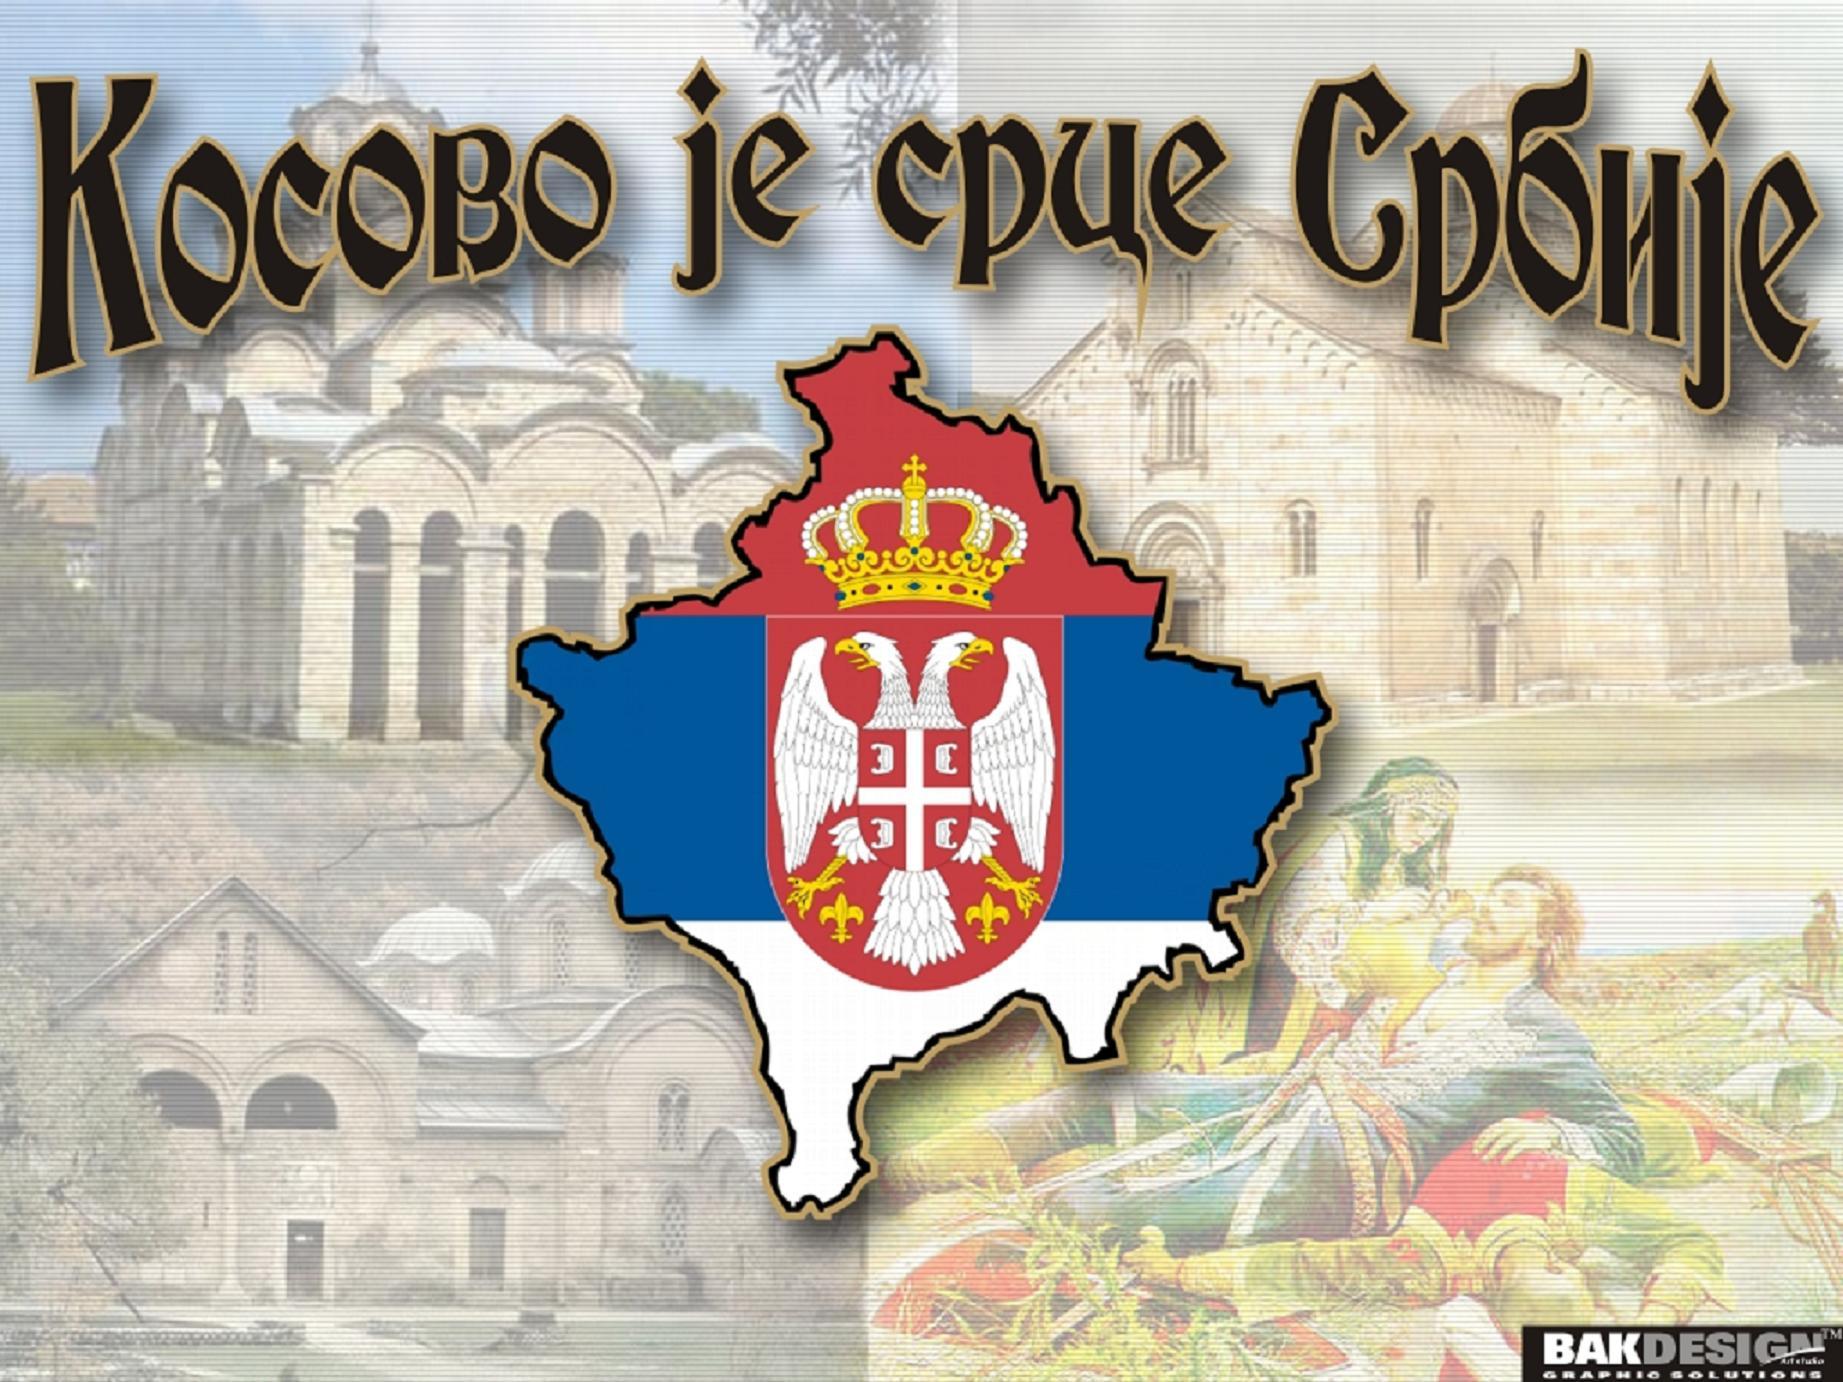 https://02varvara.files.wordpress.com/2008/02/kosovo-je-srbija2.jpg